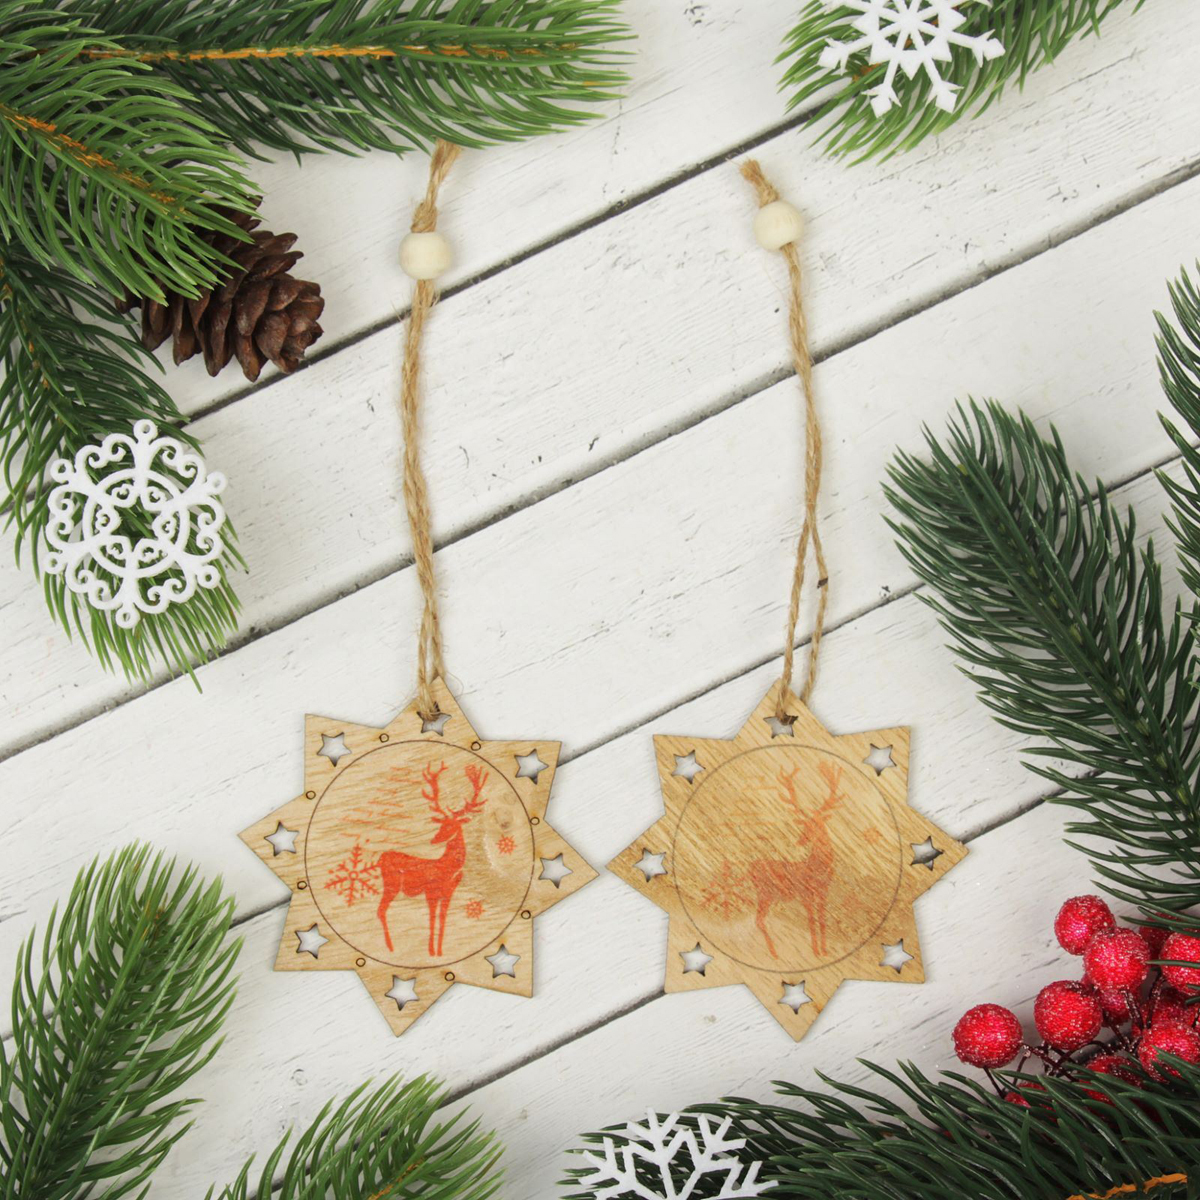 Украшение новогоднее подвесное Олень в зимнем лесу, 2 шт2303270Набор новогодних подвесных украшений, выполненных из дерева, отлично подойдет для декорации вашего дома и новогодней ели. С помощью специальной петельки украшение можно повесить в любом понравившемся вам месте. Но, конечно, удачнее всего оно будет смотреться на праздничной елке.Елочная игрушка - символ Нового года. Она несет в себе волшебство и красоту праздника. Такое украшение создаст в вашем доме атмосферу праздника, веселья и радости. В комплекте 2 украшения.